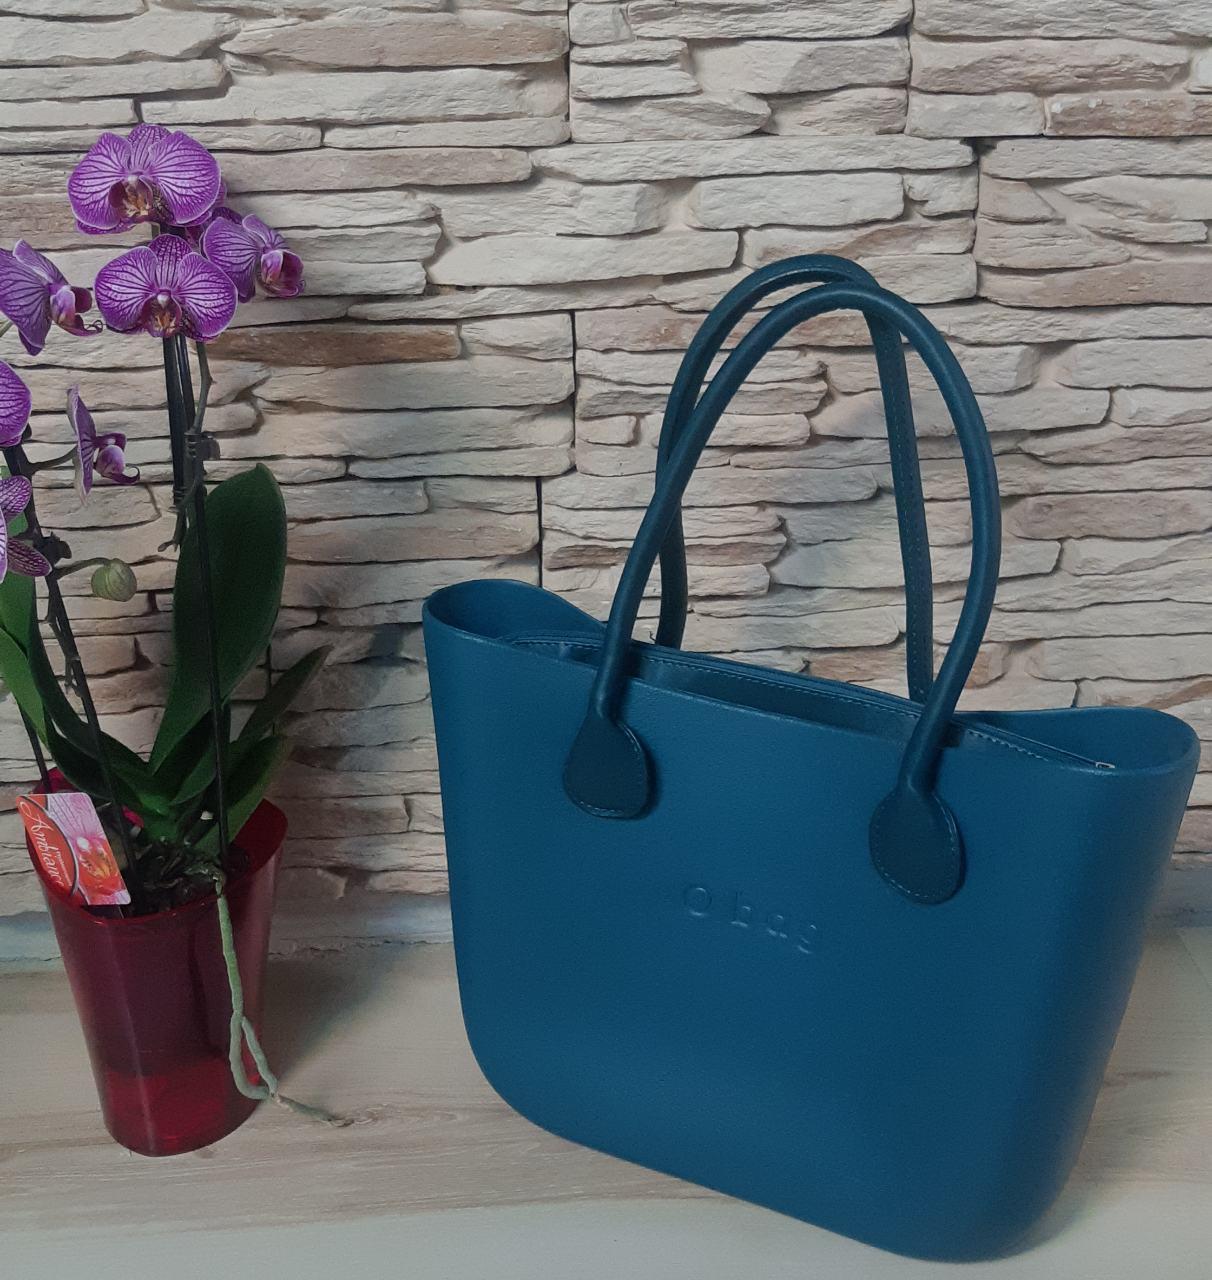 Женская сумка O bag classic в синим  корпусе